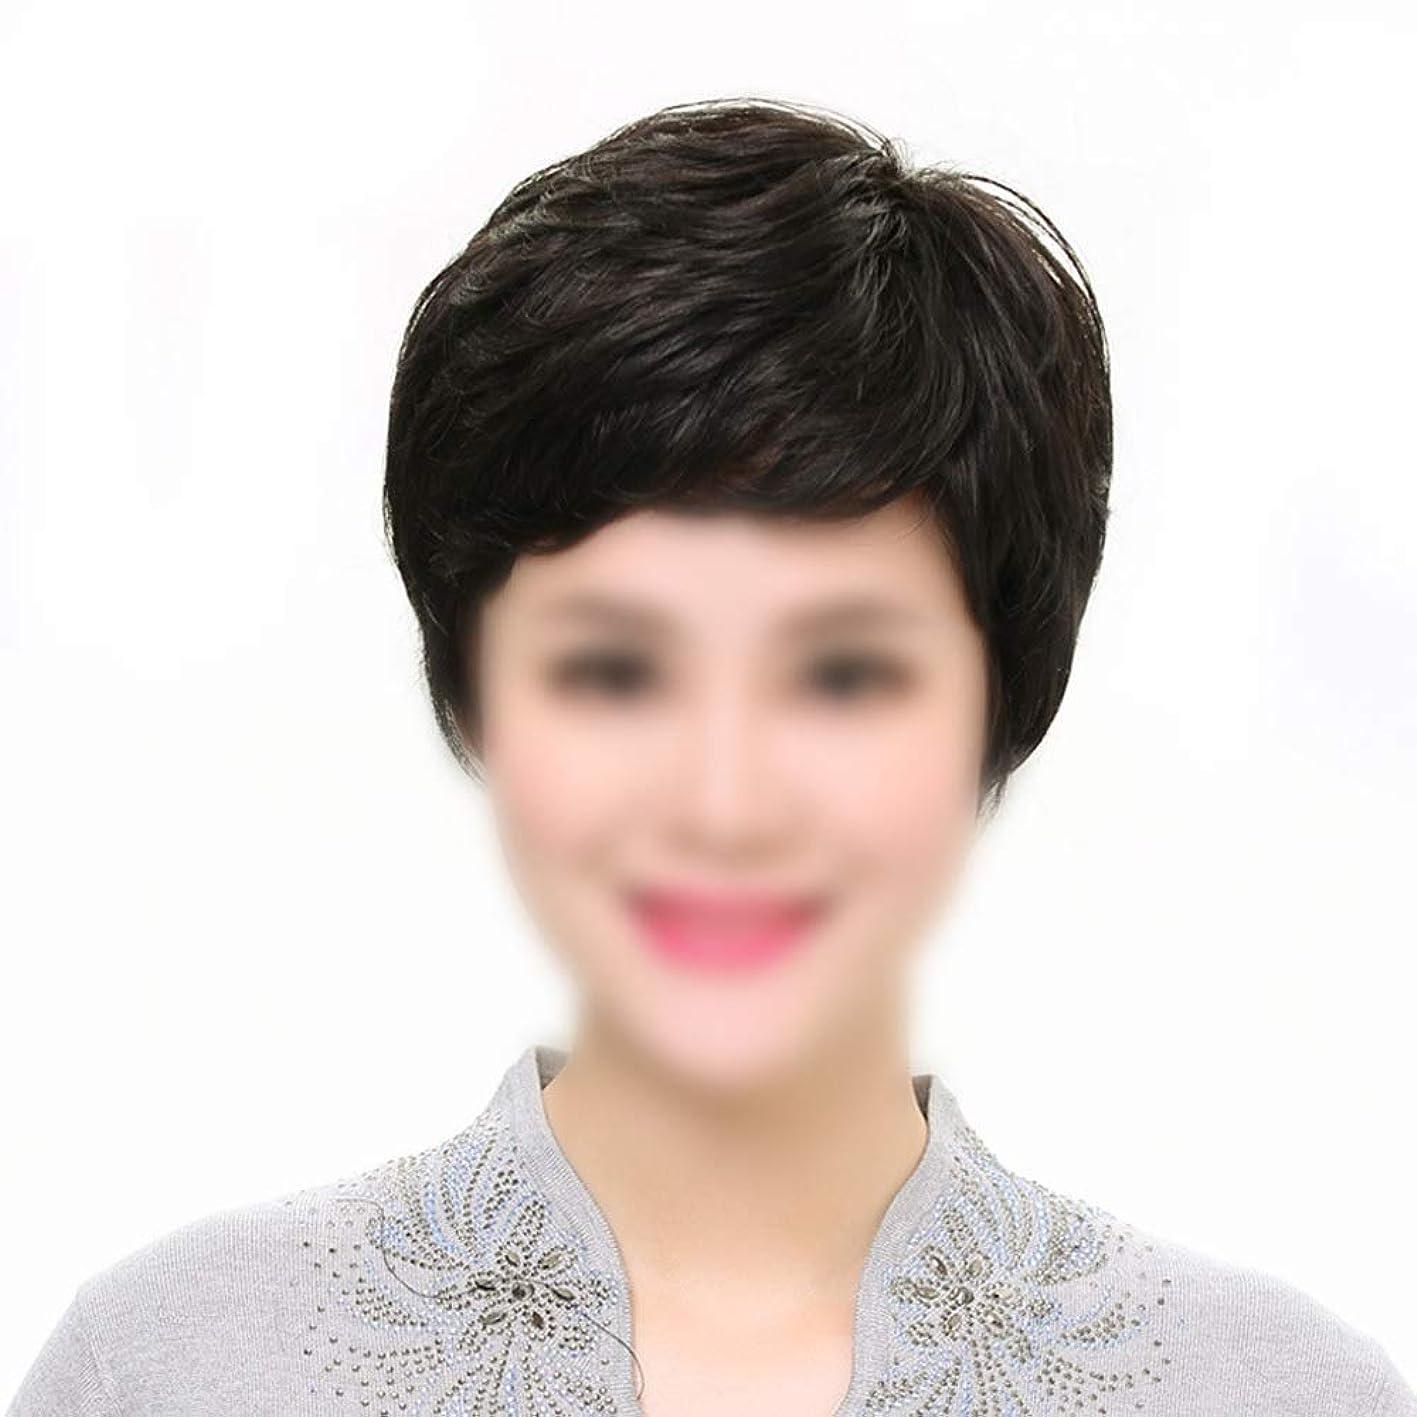 変な曖昧なリストHOHYLLYA ウィッグレディースショートウェーブのかかった髪本物のギフト中高年のかつらファッションかつら (色 : Natural black, サイズ : Mechanism)